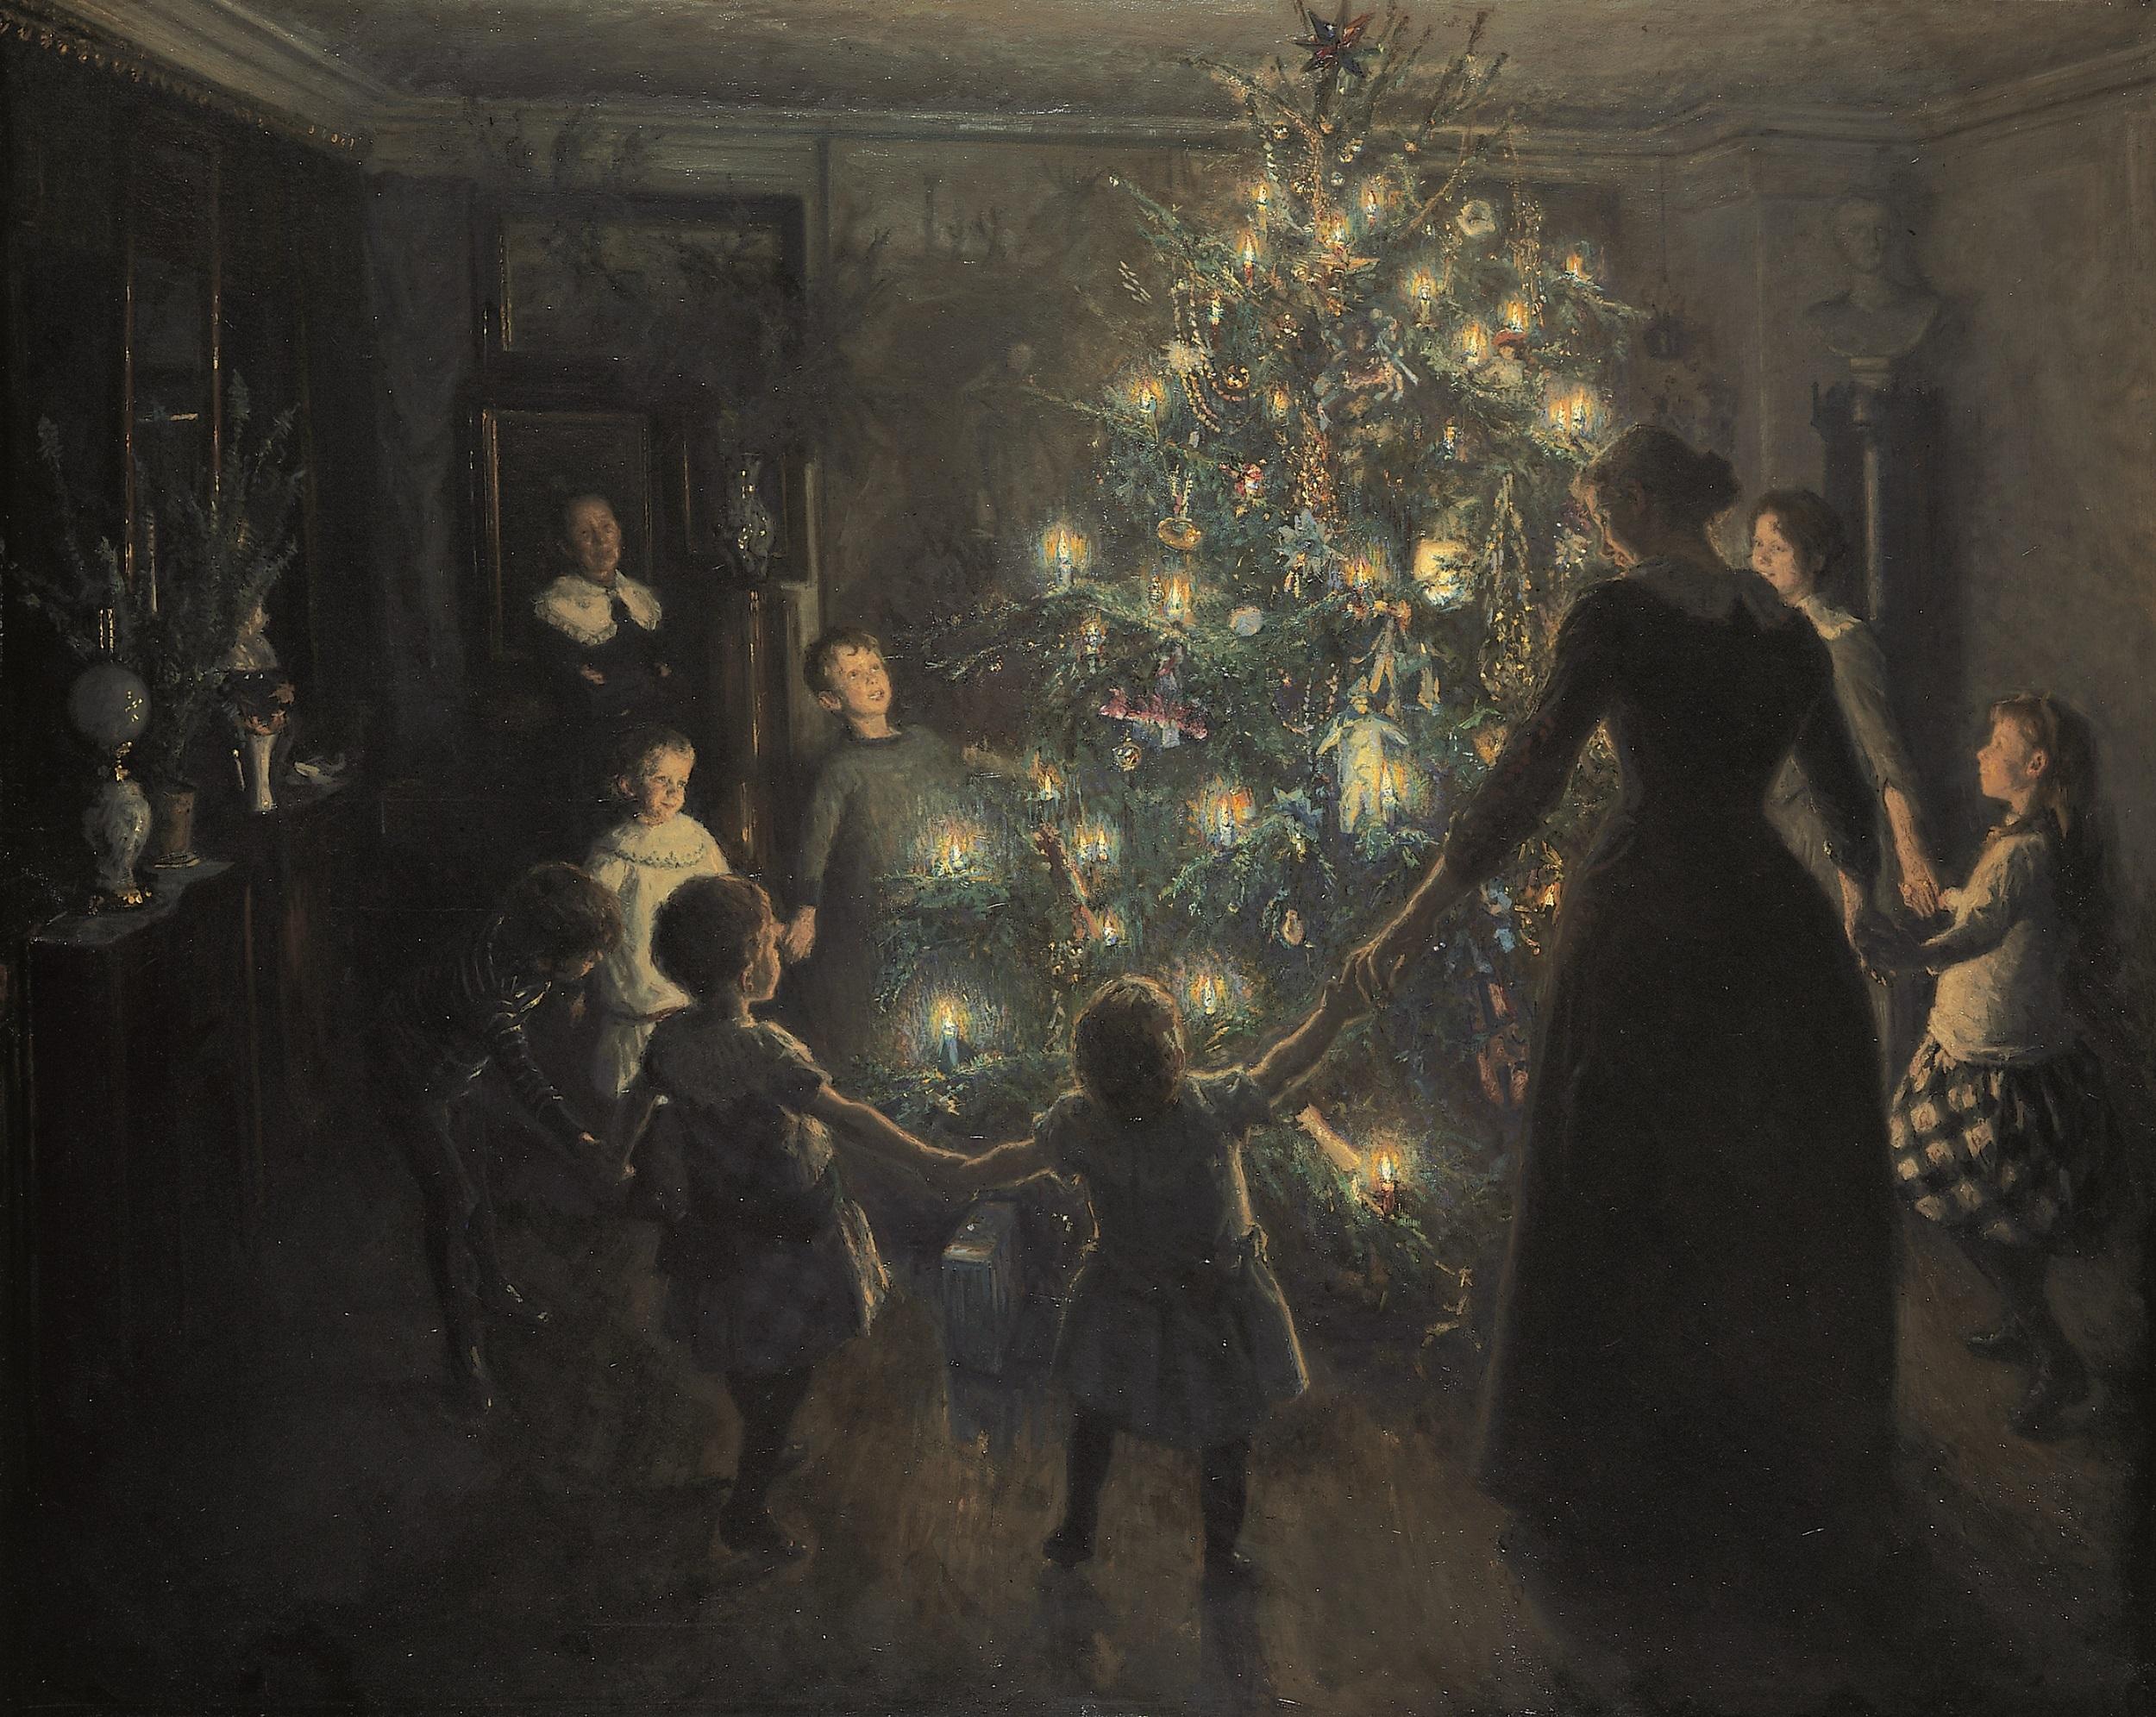 ヴィゴ・ヨハンスン 《きよしこの夜》 1891年 ヒアシュプロング・コレクション蔵  (C)  The Hirschsprung Collection